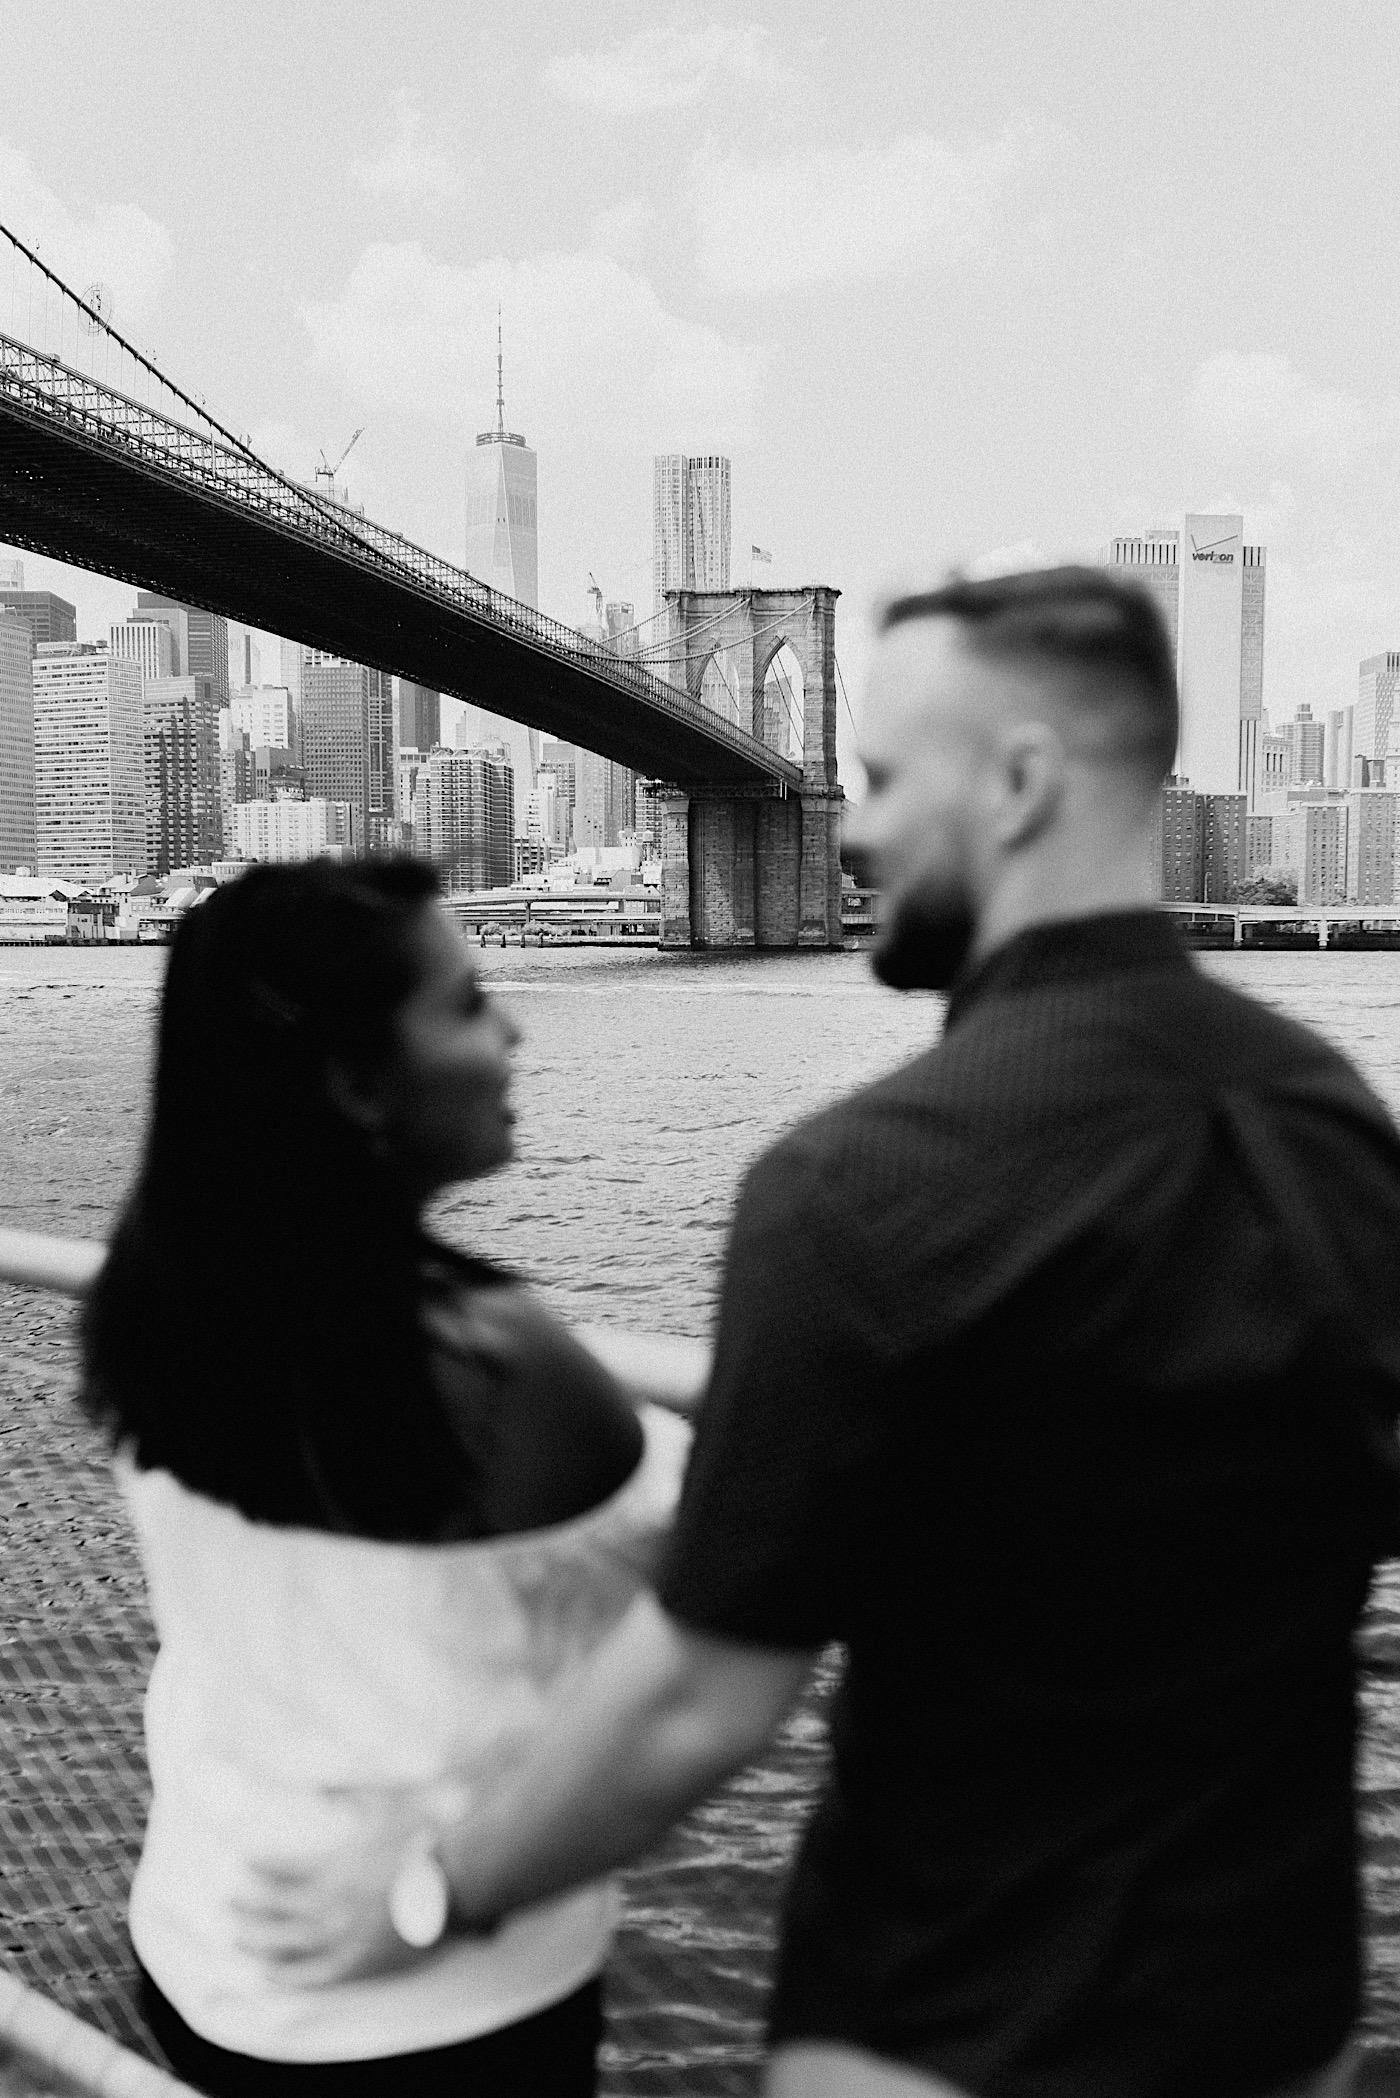 Dumbo Brooklyn Proposal Brooklyn Engagement Photos Brooklyn Wedding Photographer 018